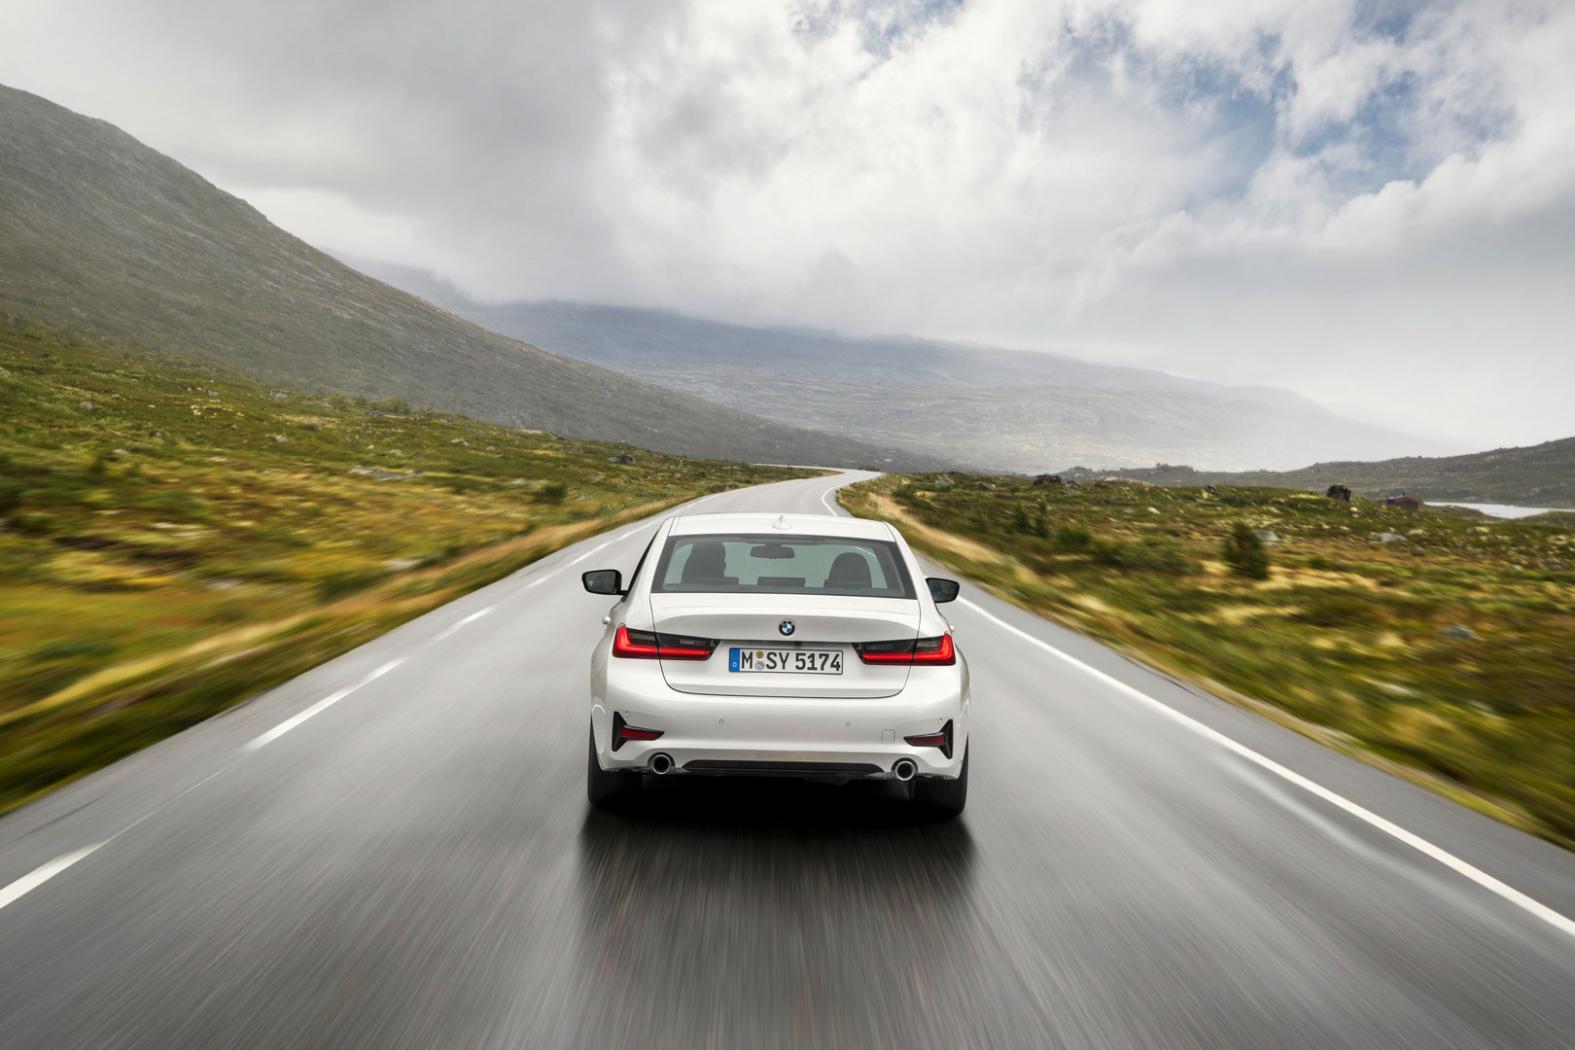 BMW-Serie-3--G20-une-nouvelle-generation-plus-sportive-et-mieux-equipee-6.jpeg